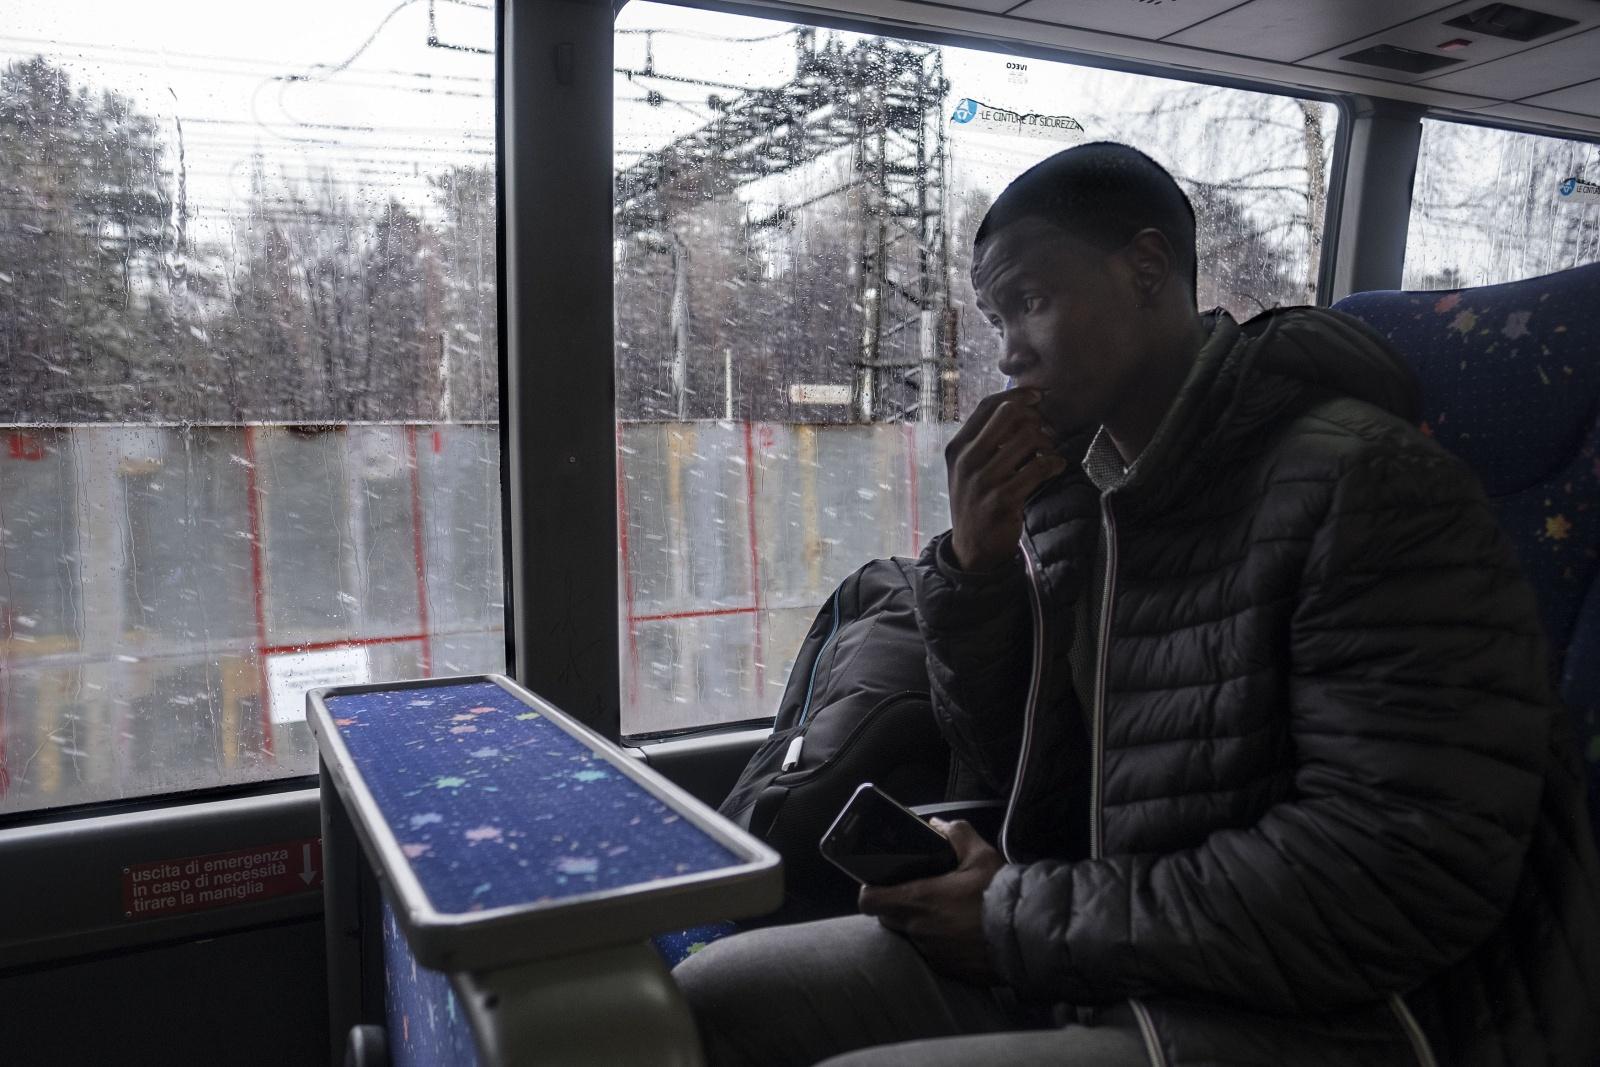 In viaggio da Claviere con Ismail senegalese attraverso la  nuova rotta dei migranti africani che dall'italia vogliono passare il confine con la Francia